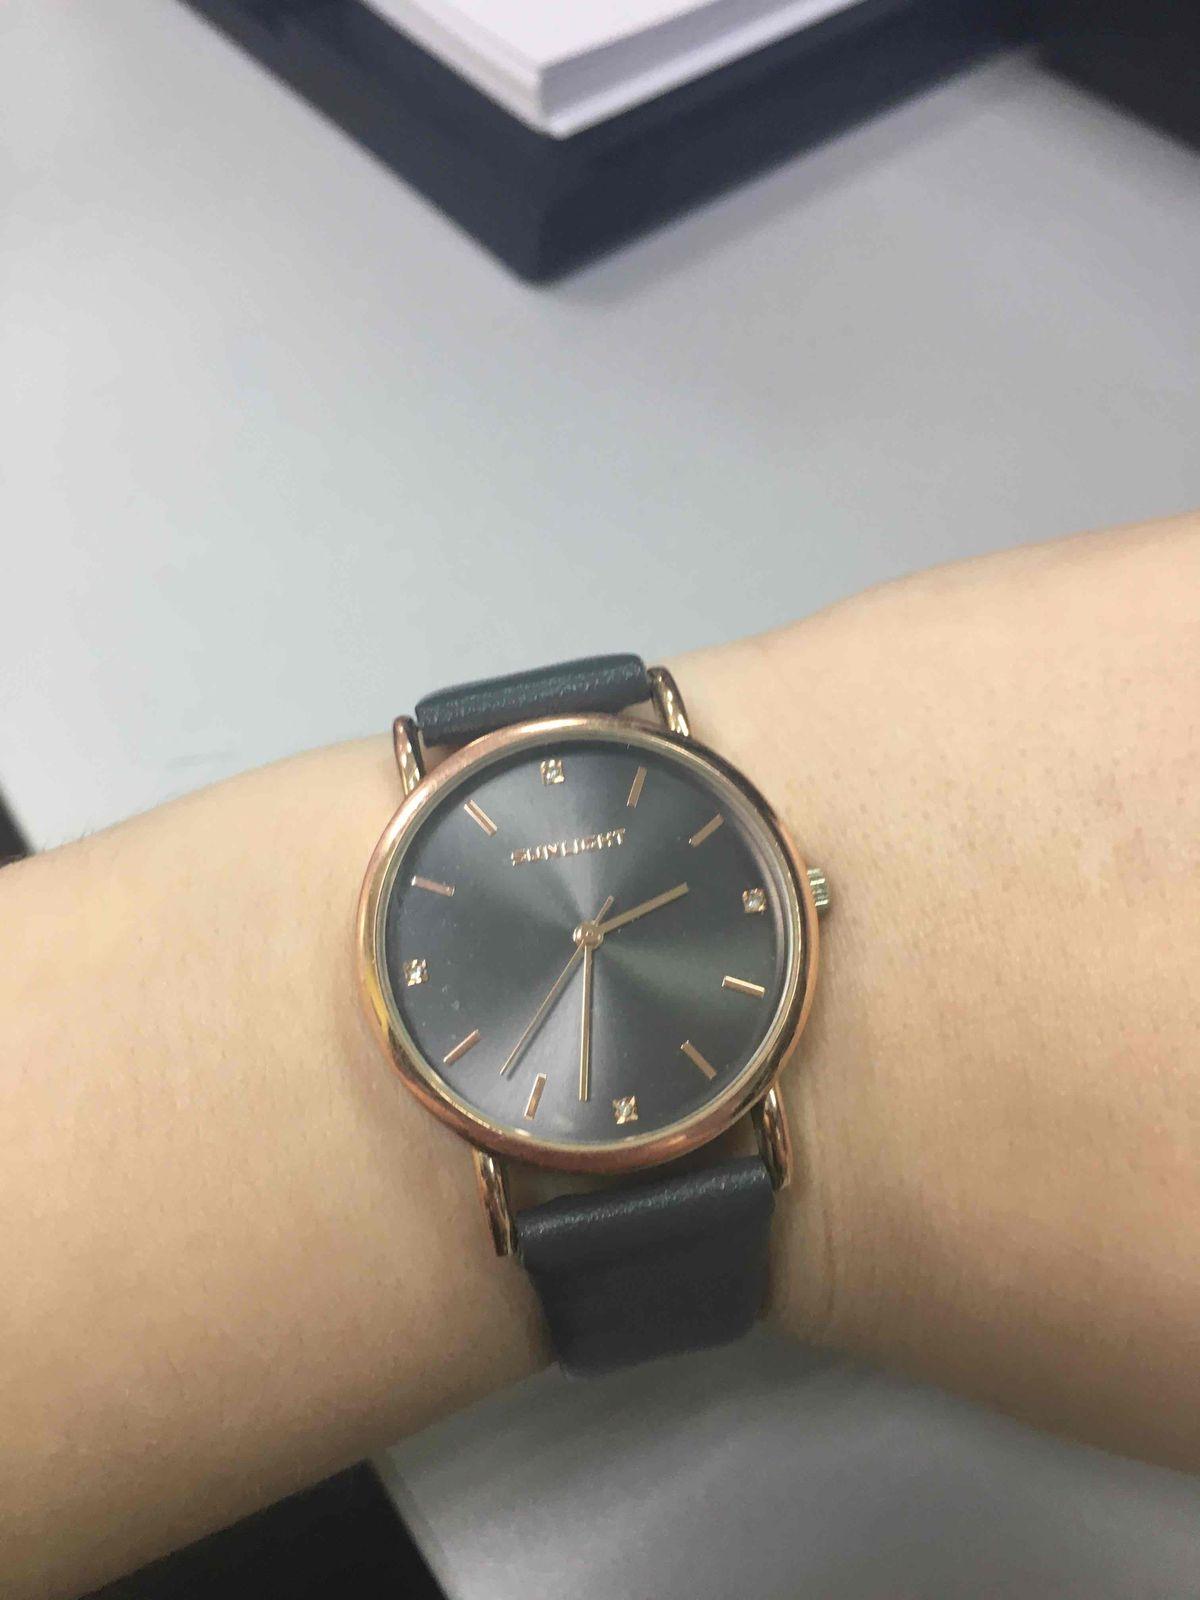 Часы очень красивые, стильные, подходят под любую одежду